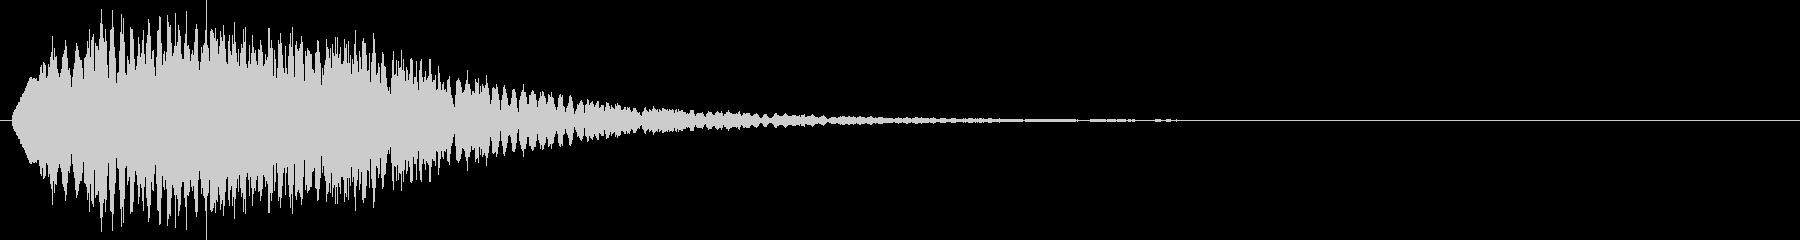 ホワワワワワワン(ゲーム、決定、ロゴ)の未再生の波形